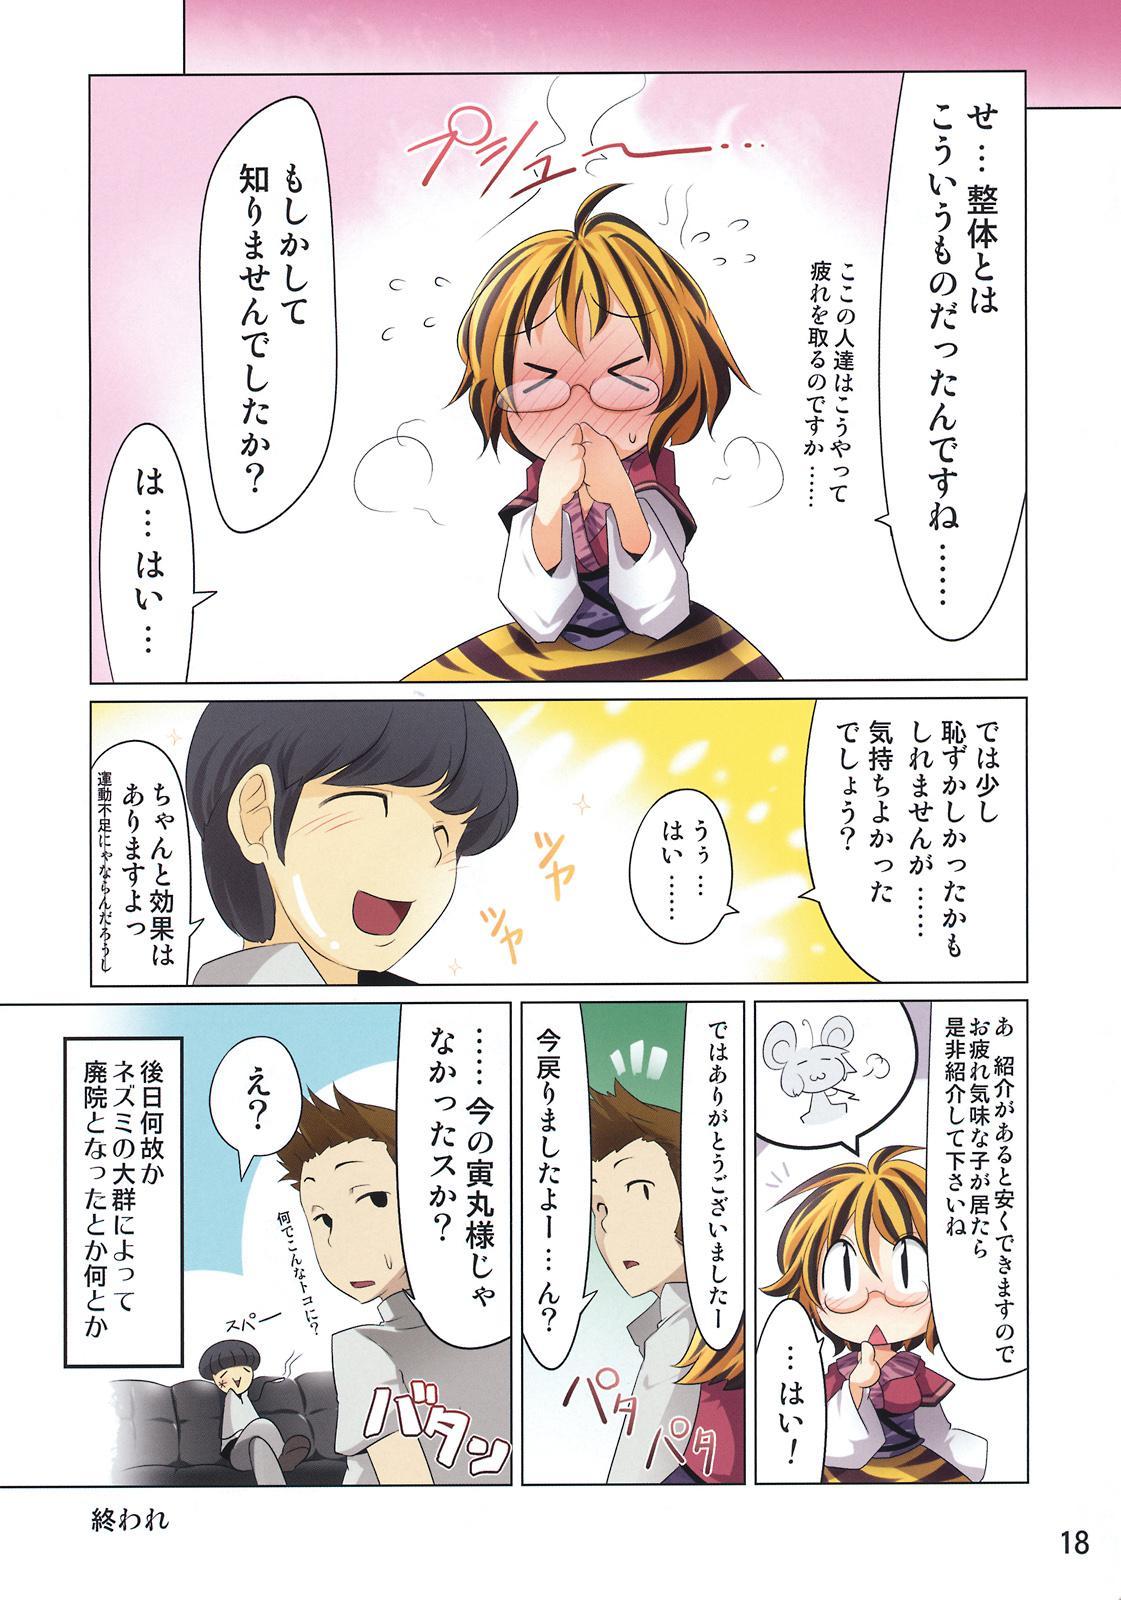 Gensoukyou-shiki Massage 17